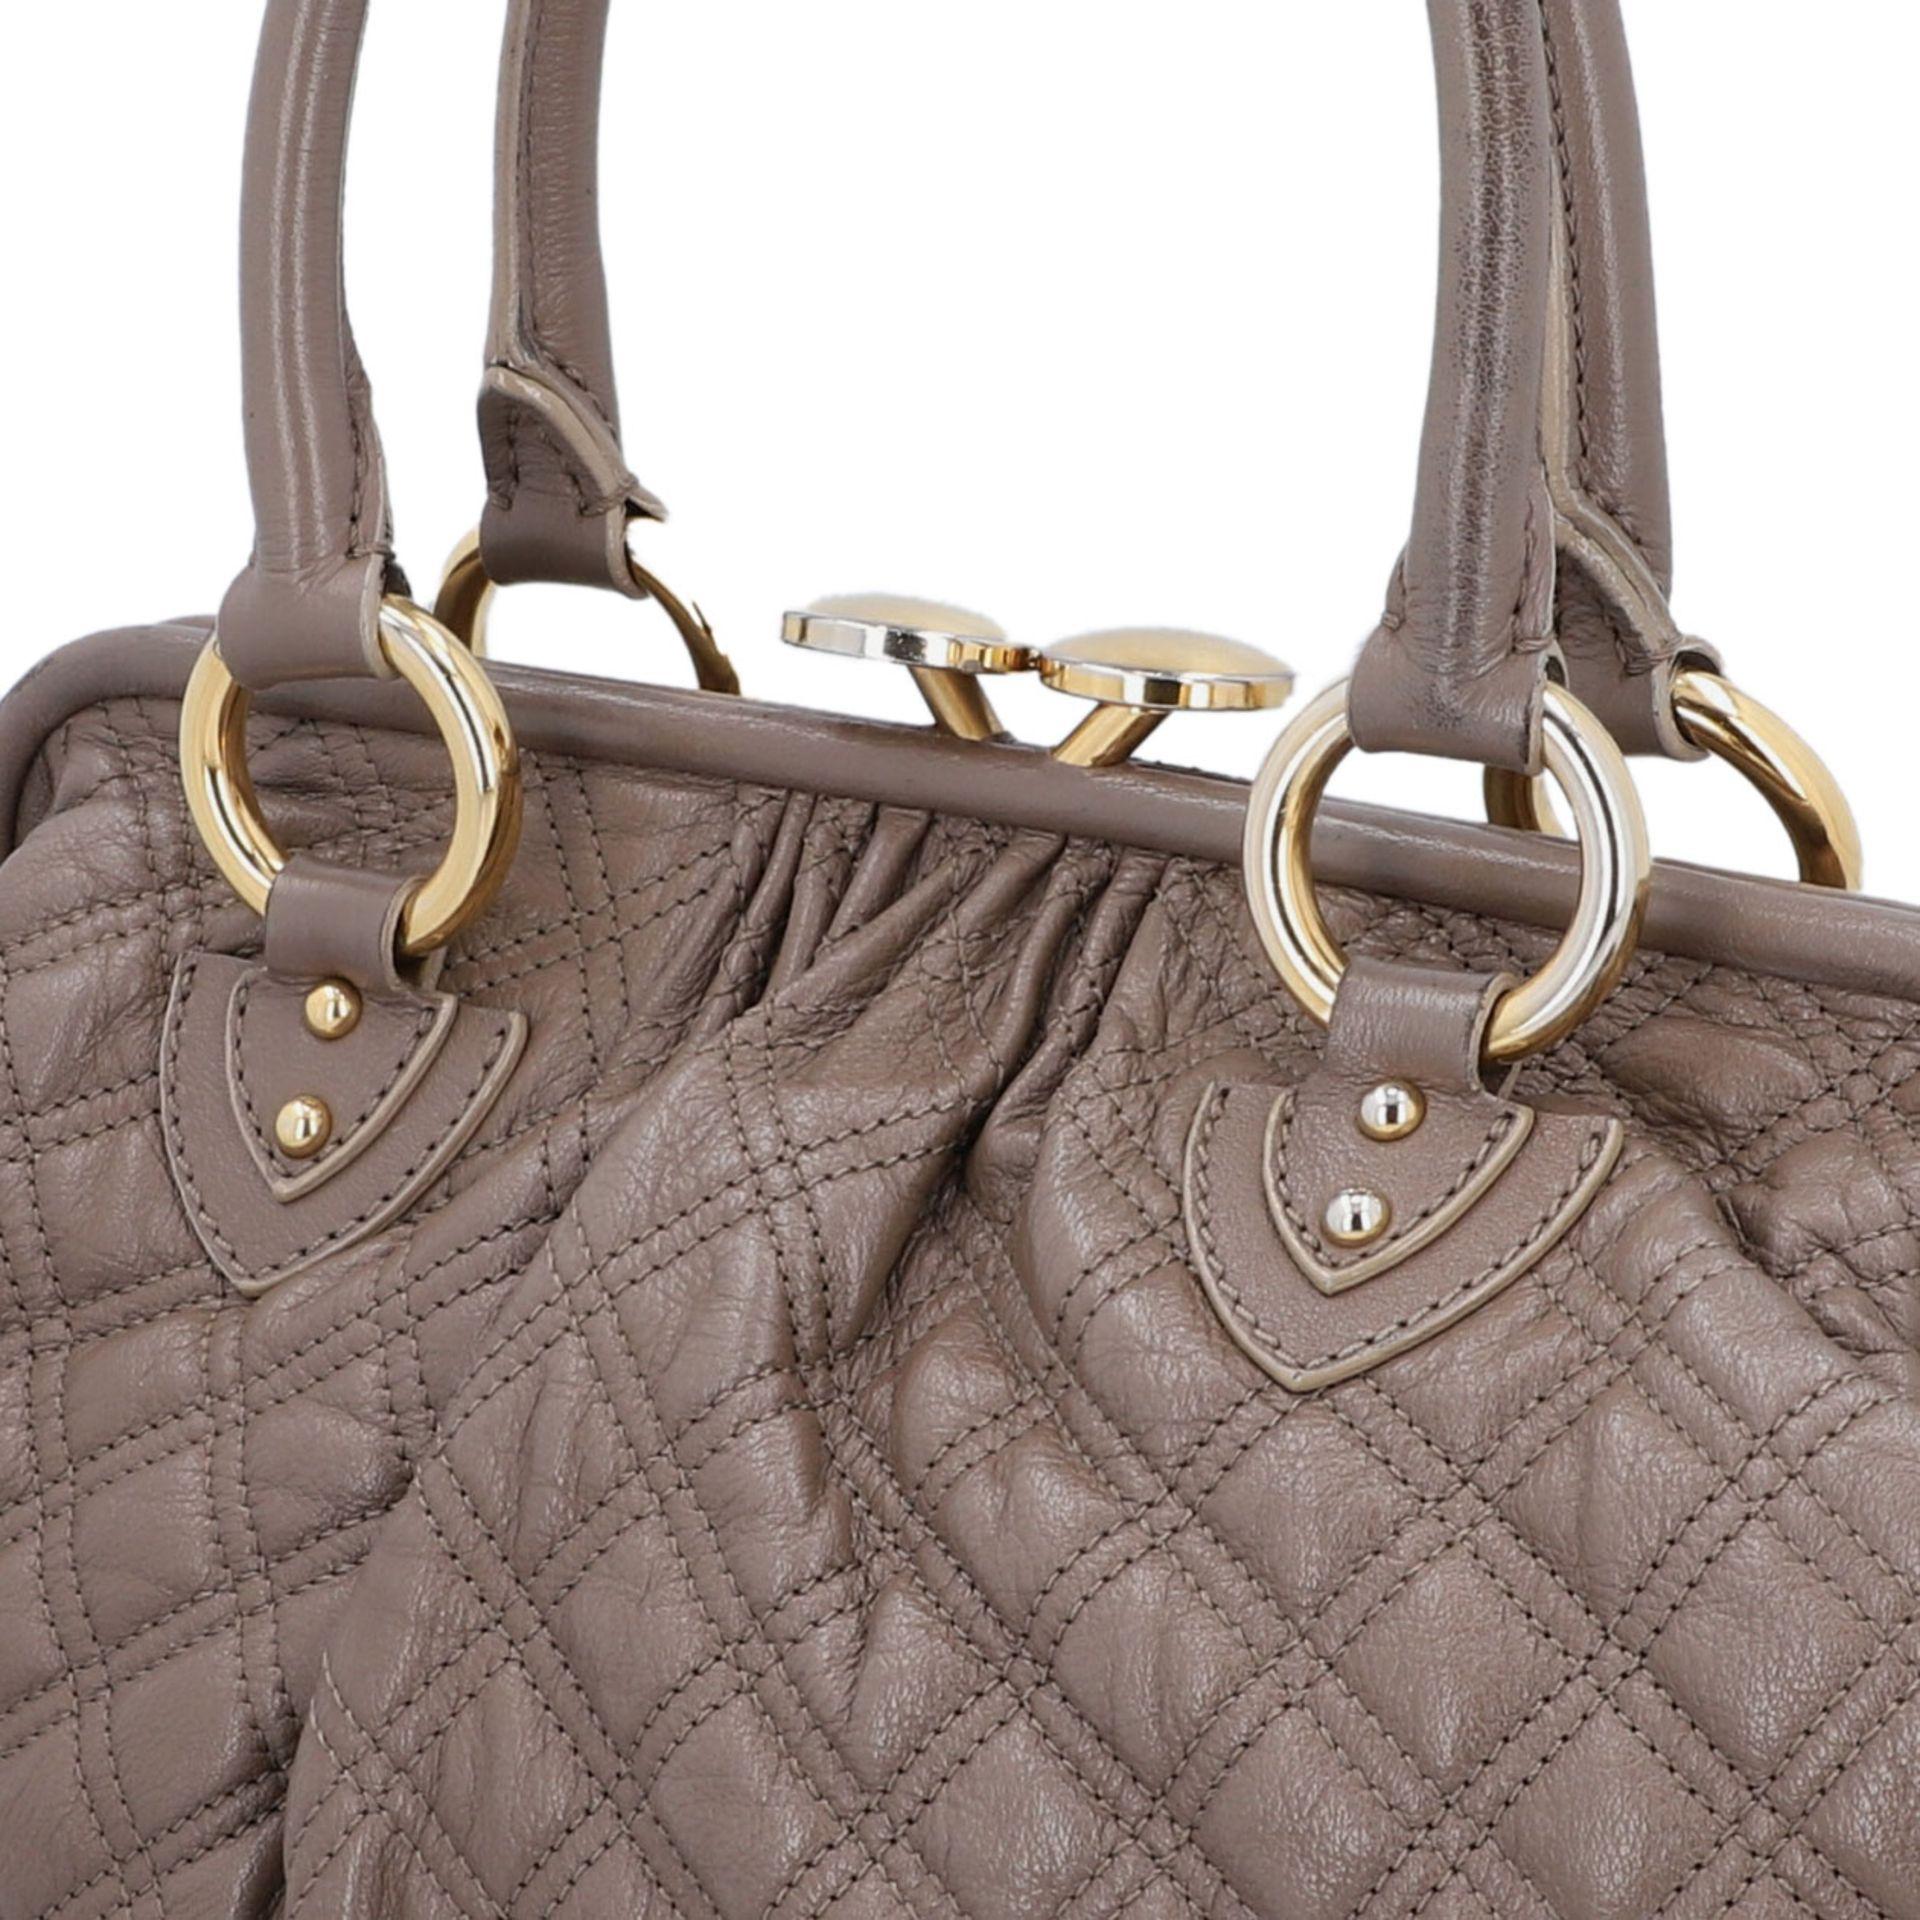 MARC JACOBS Handtasche. Leder in Elefantengrau mit goldfarbener Hardware und Rautenste - Image 7 of 8